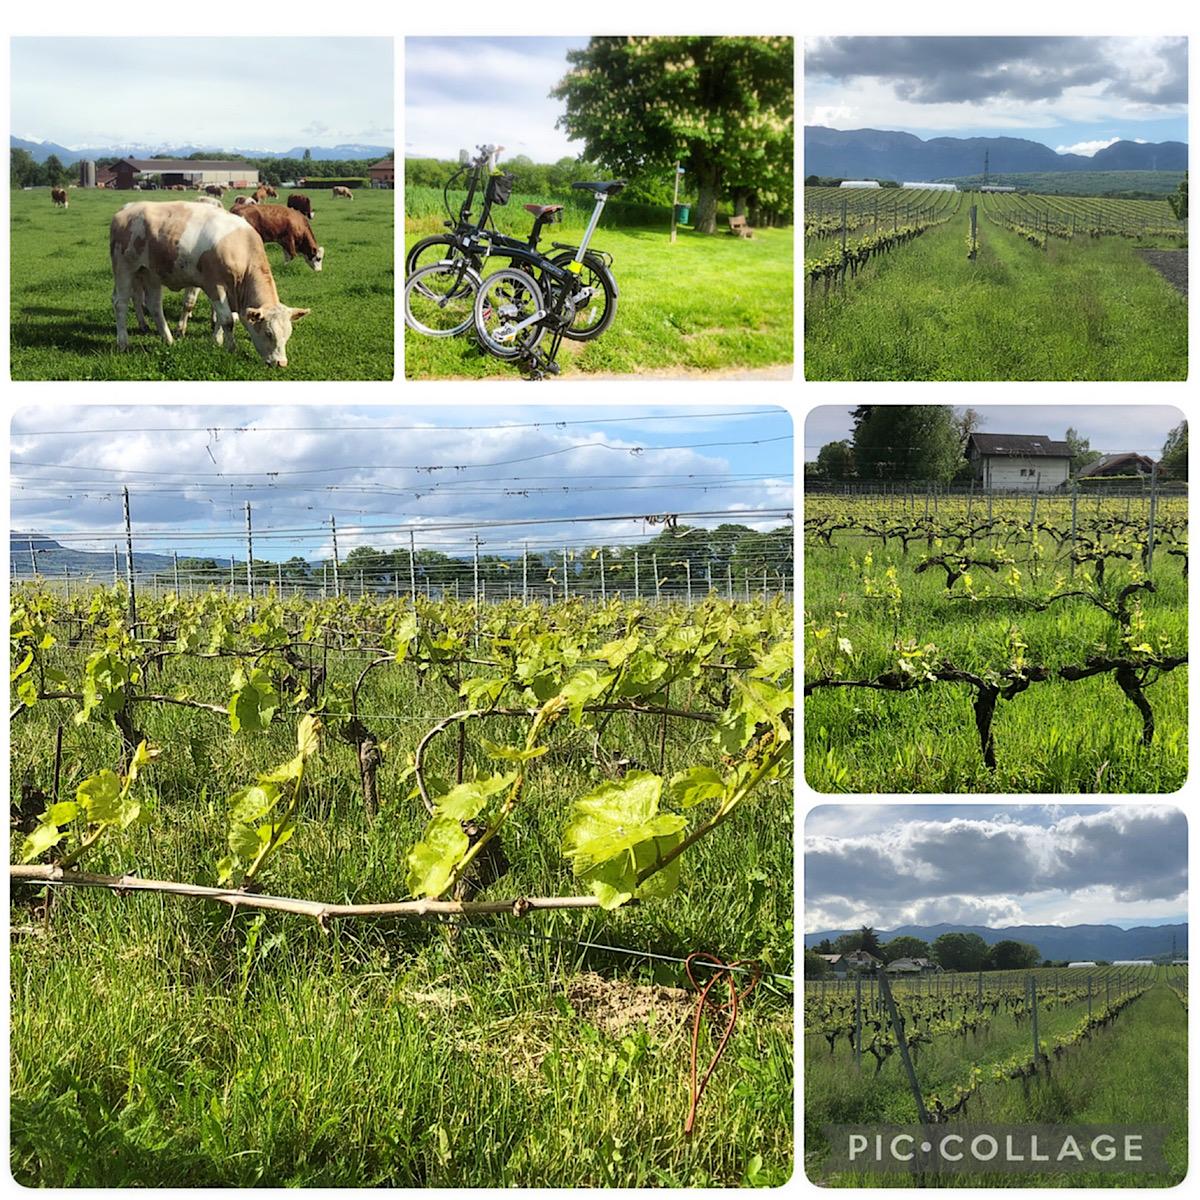 ジュネーブ郊外のワイン畑